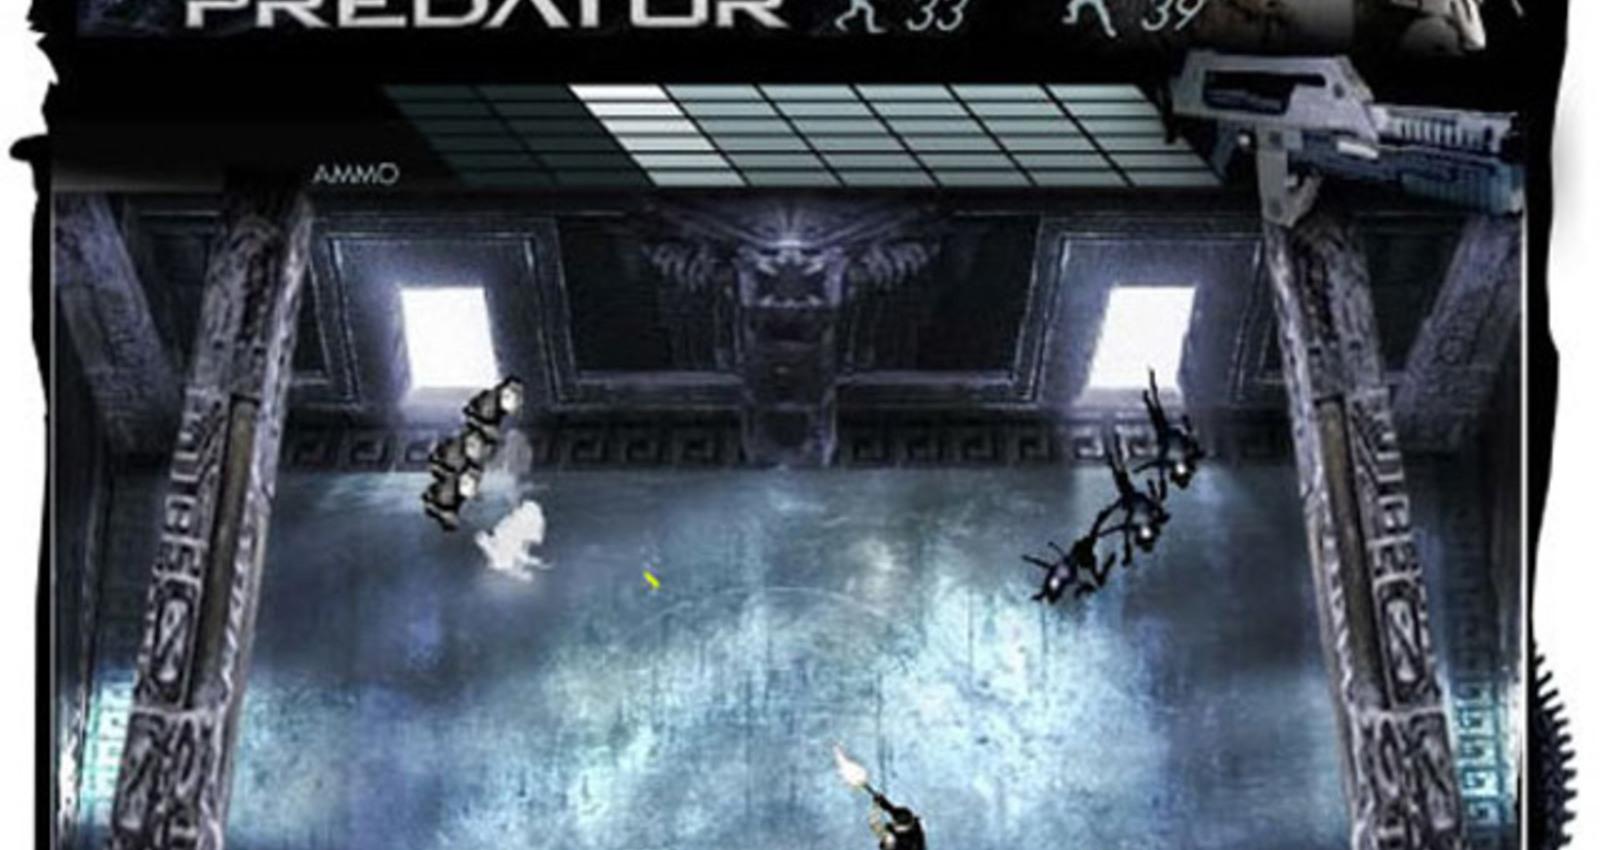 Alien vs. Predator - Game Eyeblaster